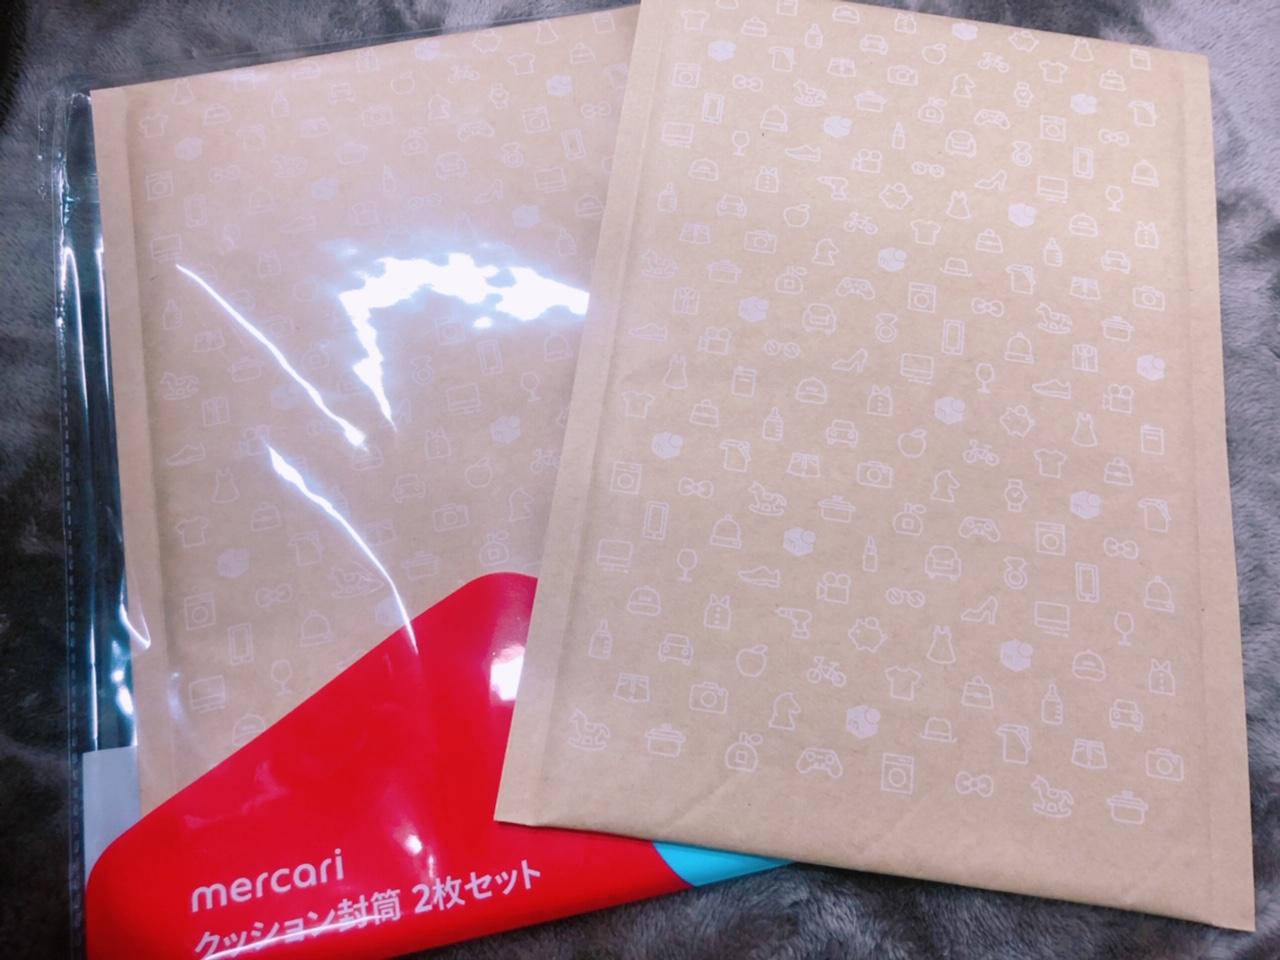 ネコポスで発送かのうなメルカリ「クッション封筒」